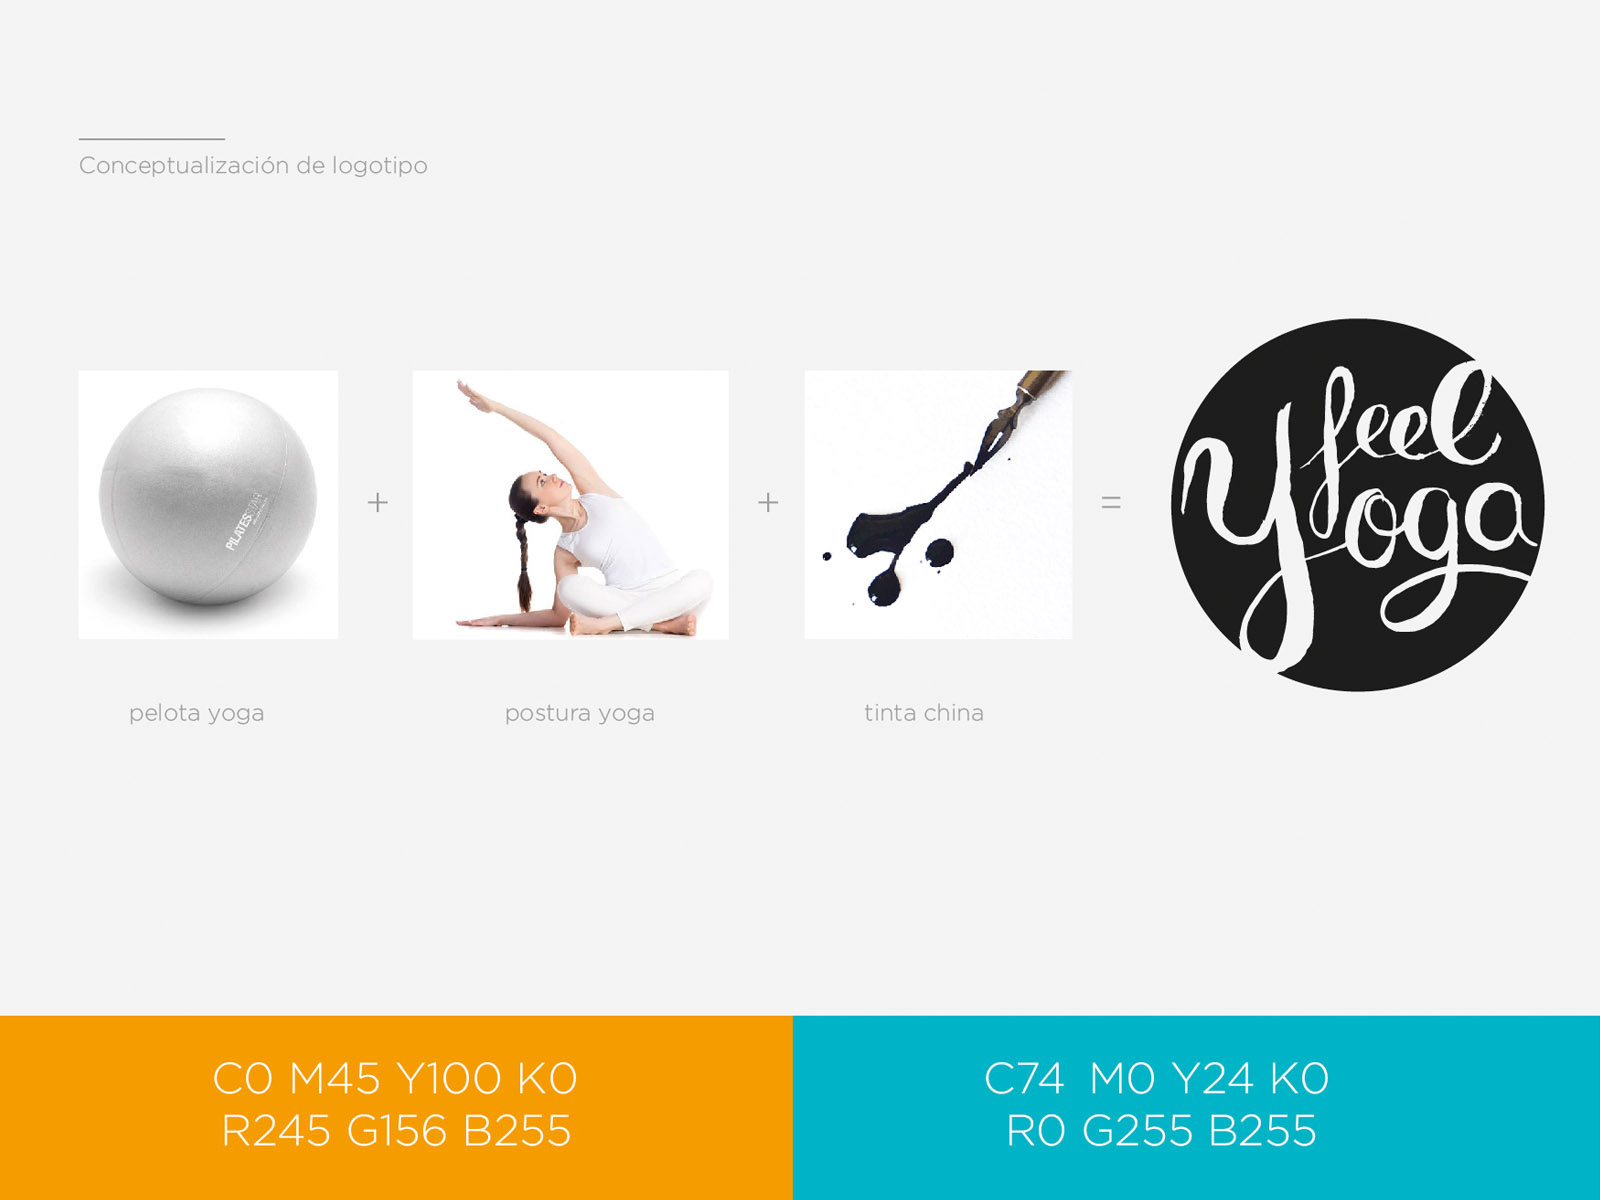 conceptualización de logotipo, construcción de logo, colores corporativos